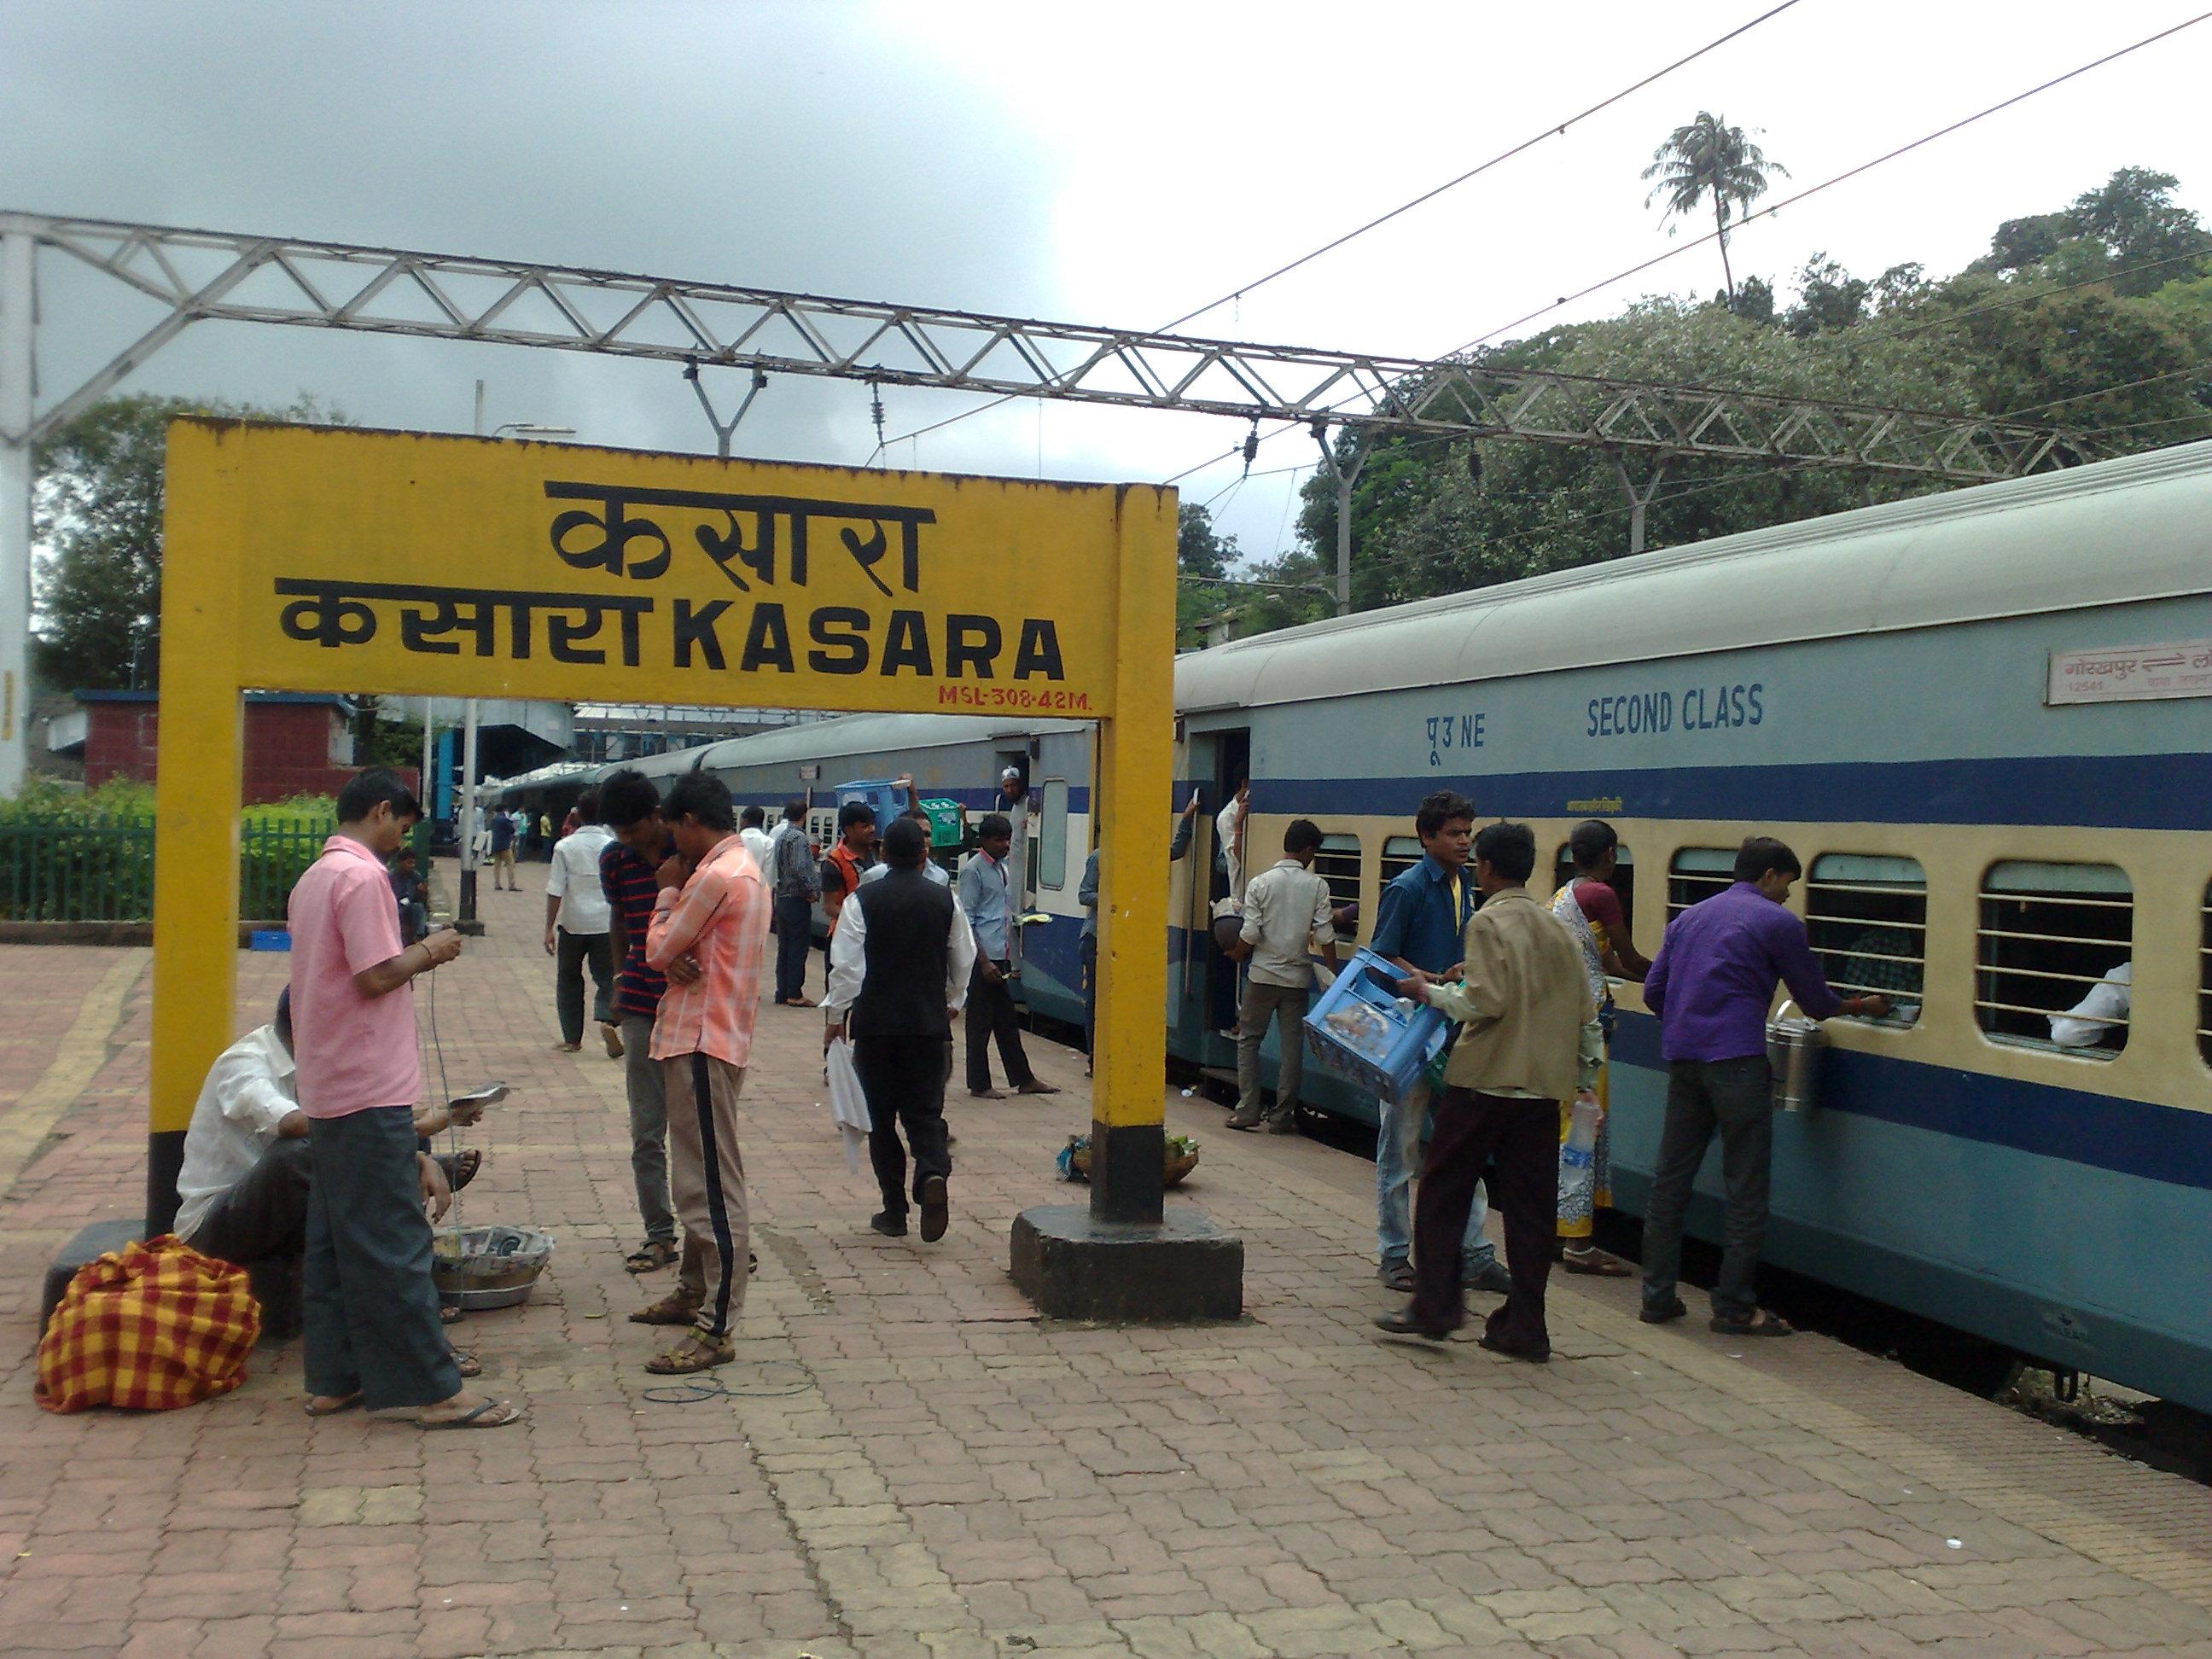 gorakhpur lokmanya tilak terminus superfast express at kasara.jpg